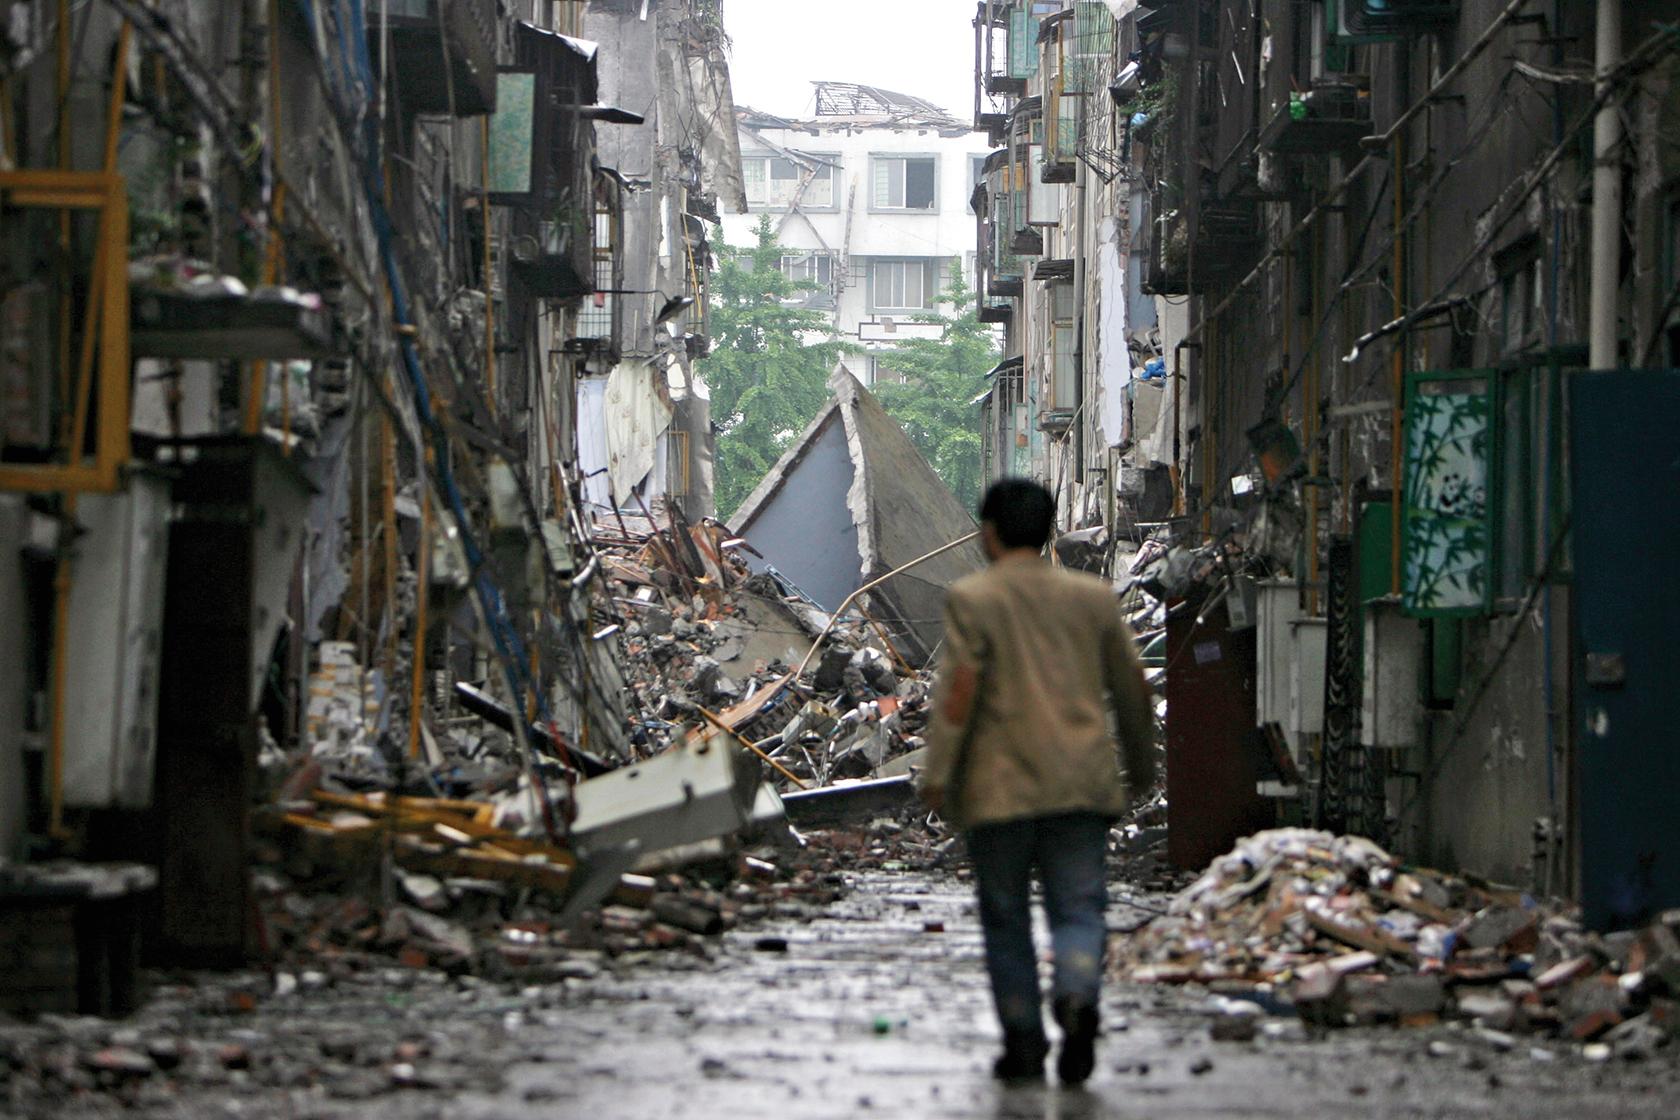 2008年四川汶川地震後滿目瘡痍的情景。(GETTY Images)